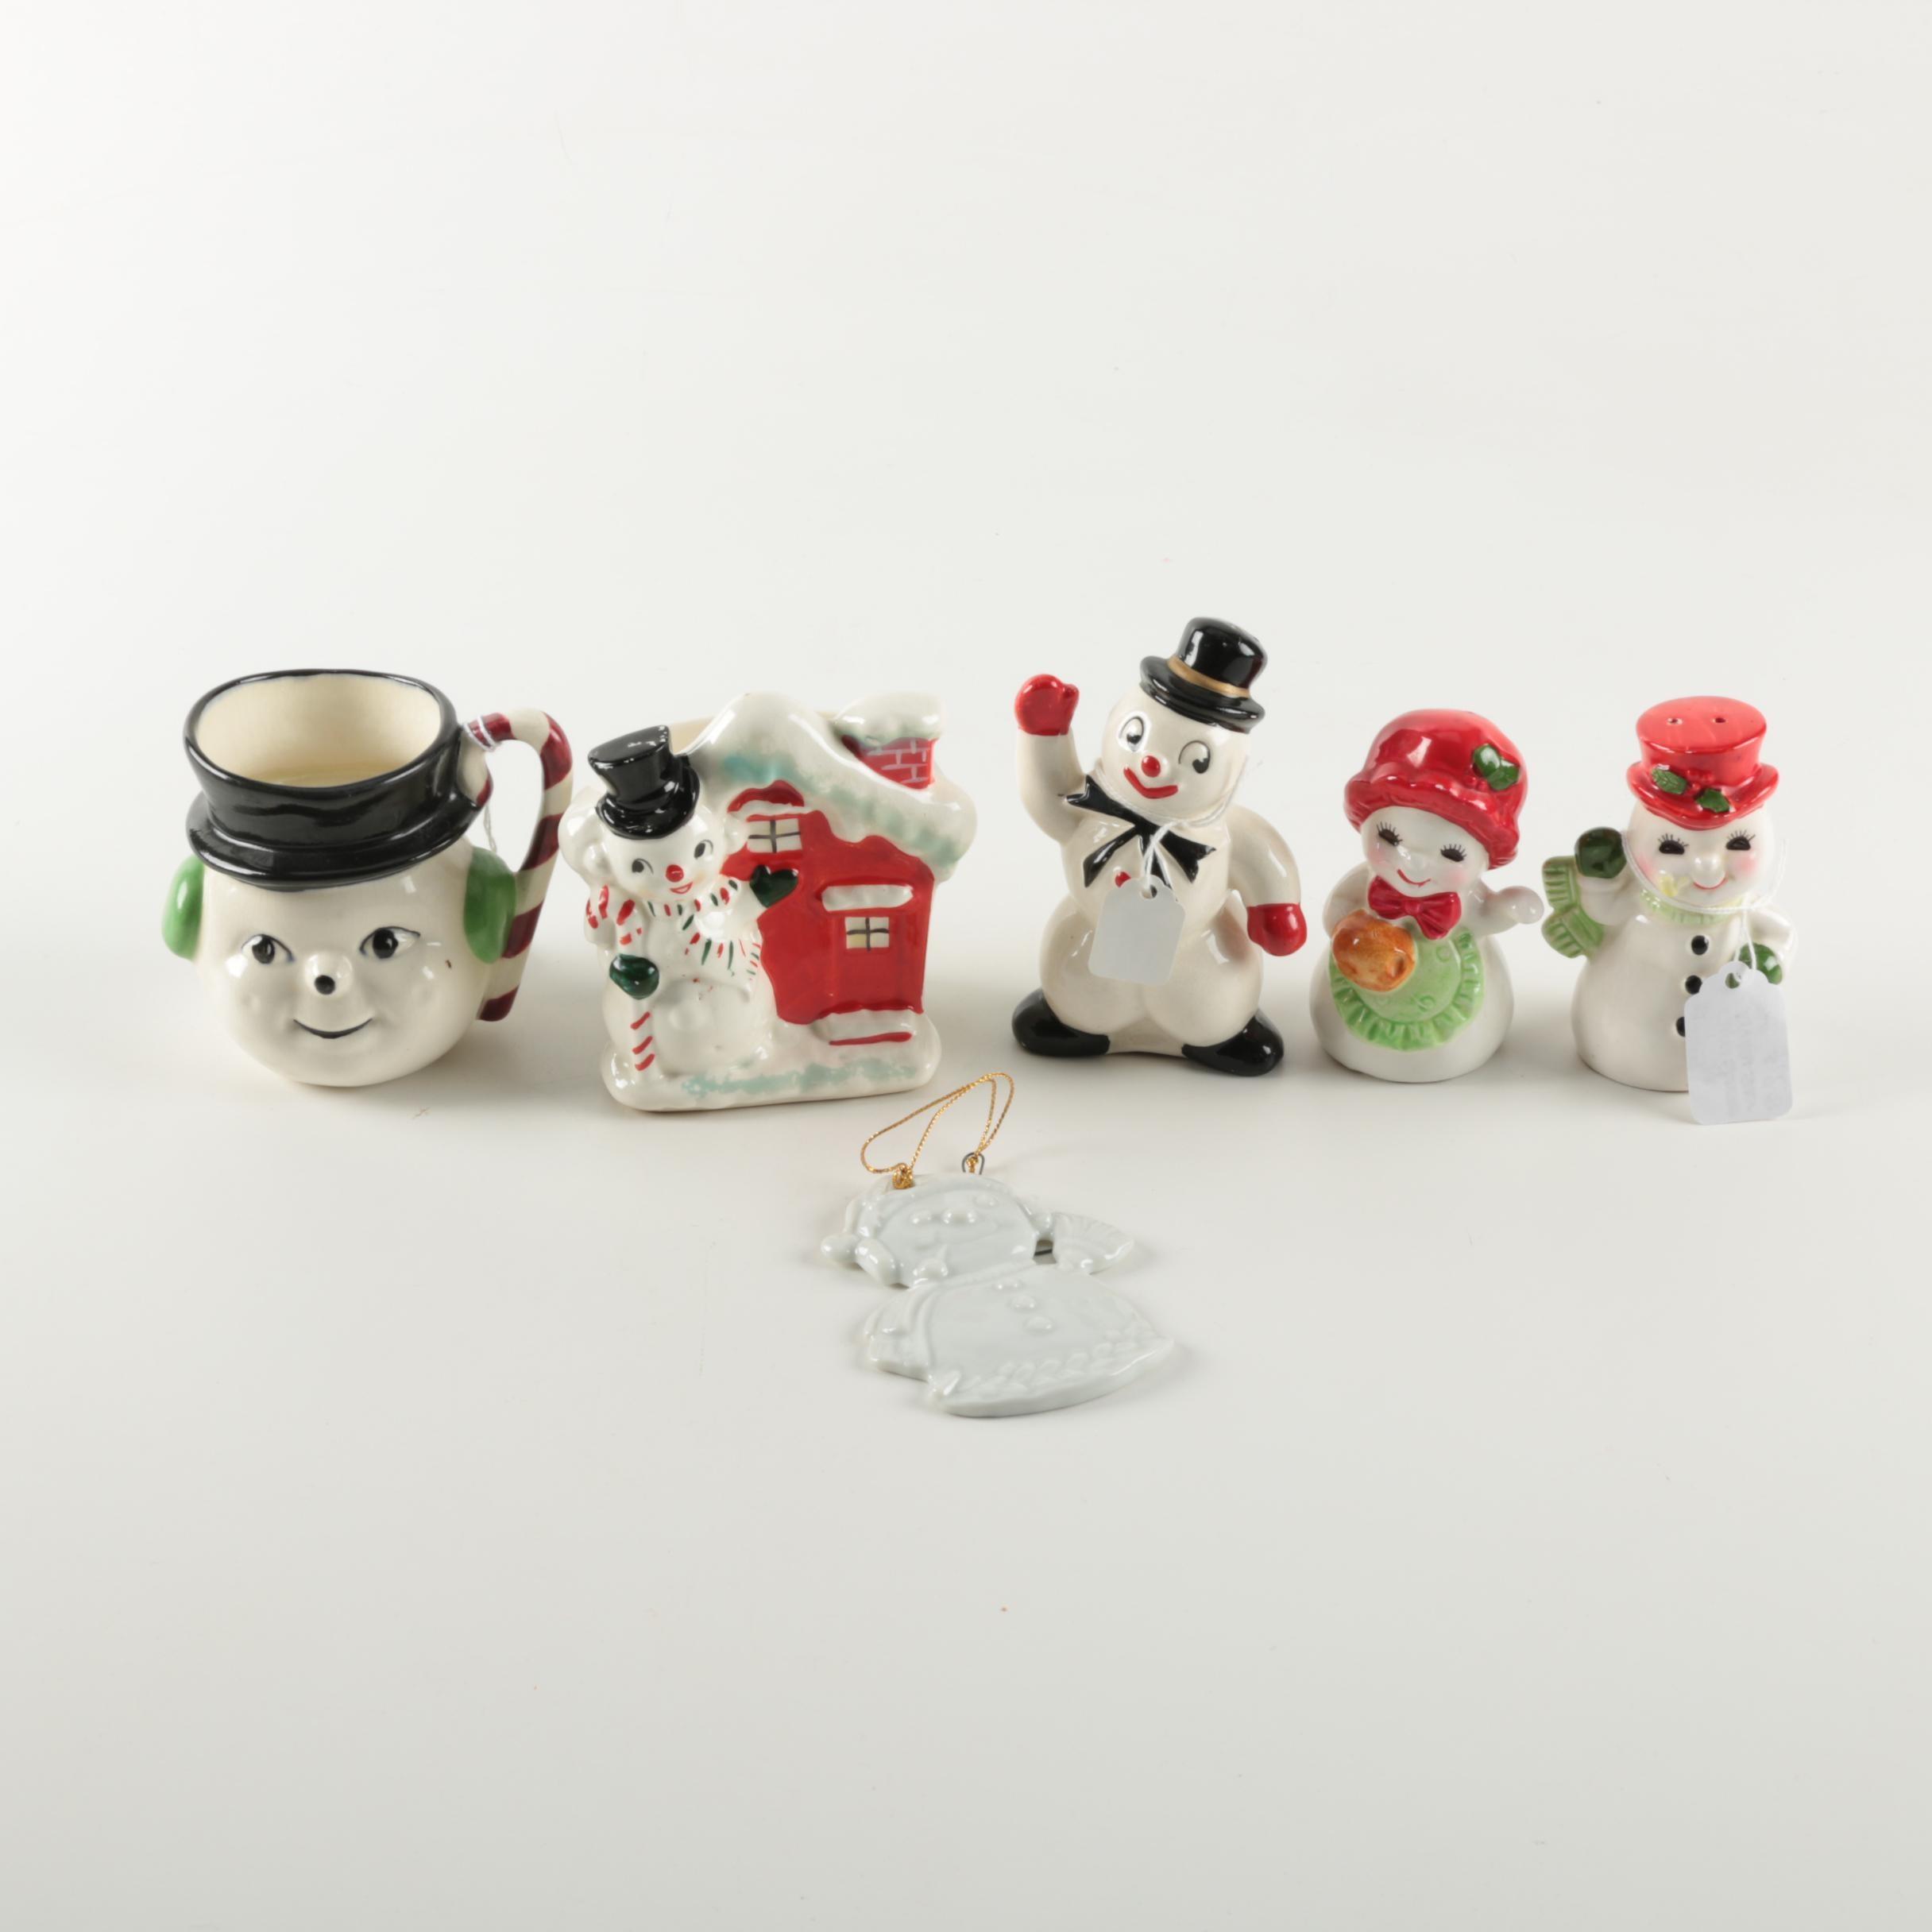 Christmas Snowman Themed Decor